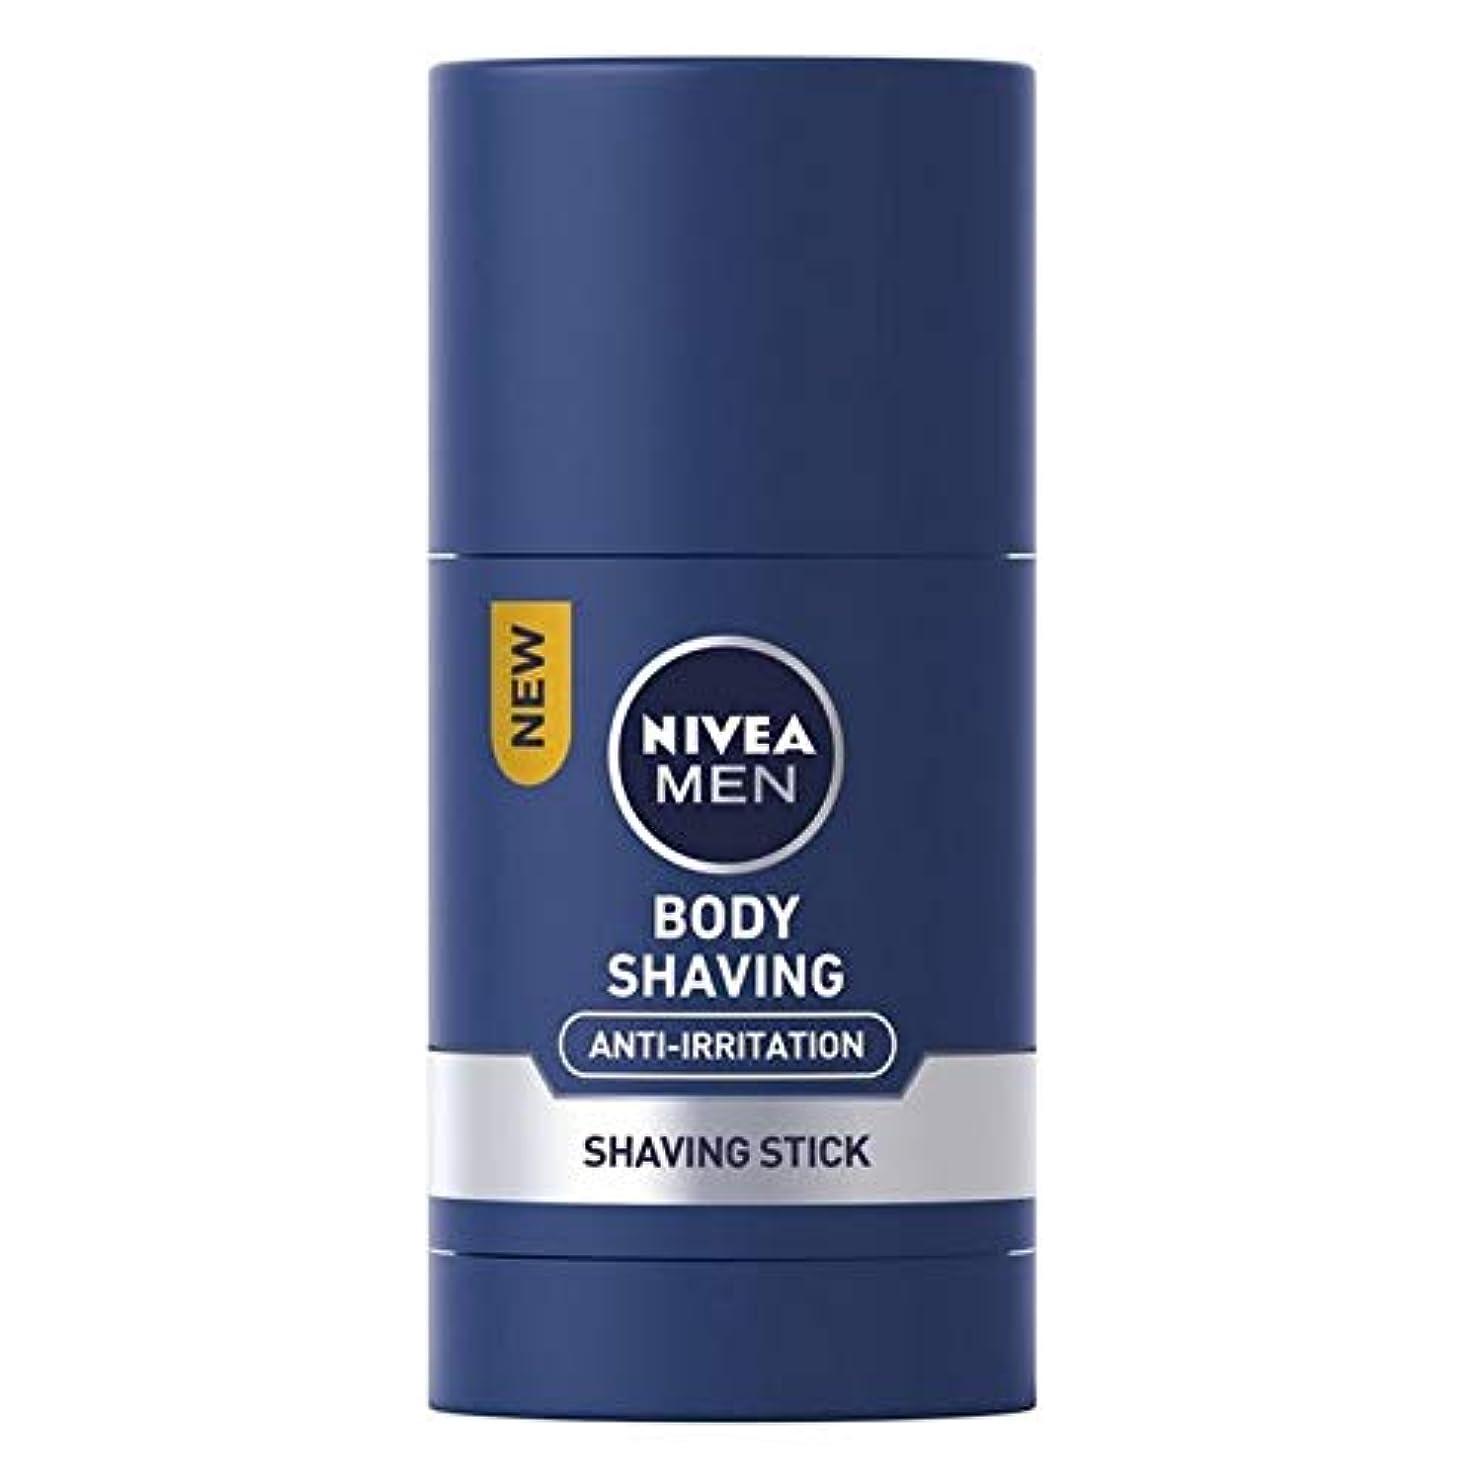 うん絡まる罹患率[Nivea] ニベアの男性のボディシェービングスティック抗炎症の75ミリリットル - Nivea Men Body Shaving Stick Anti-Irritation 75ml [並行輸入品]